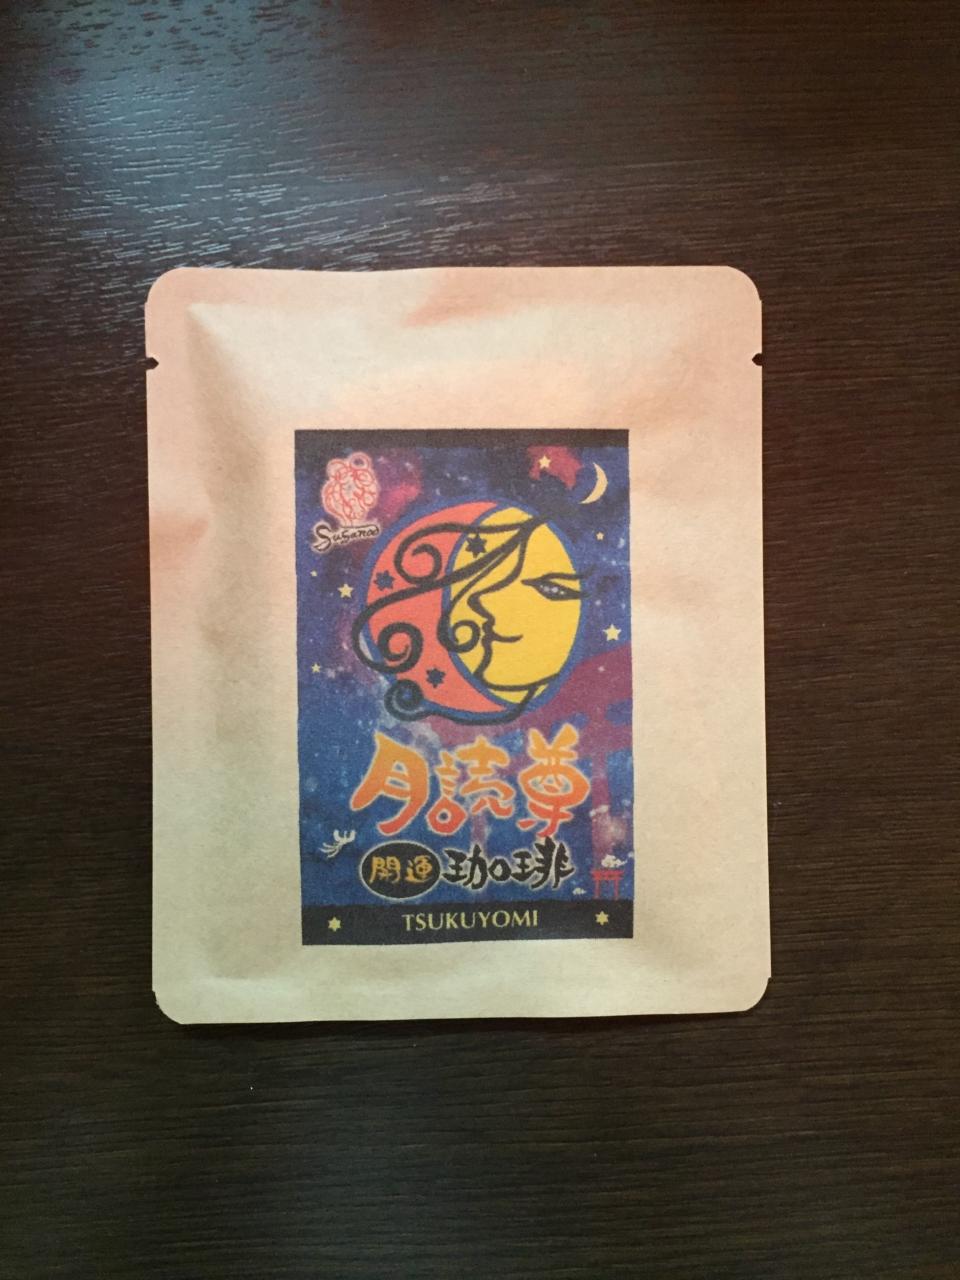 coffee-tsukuyomi1-003